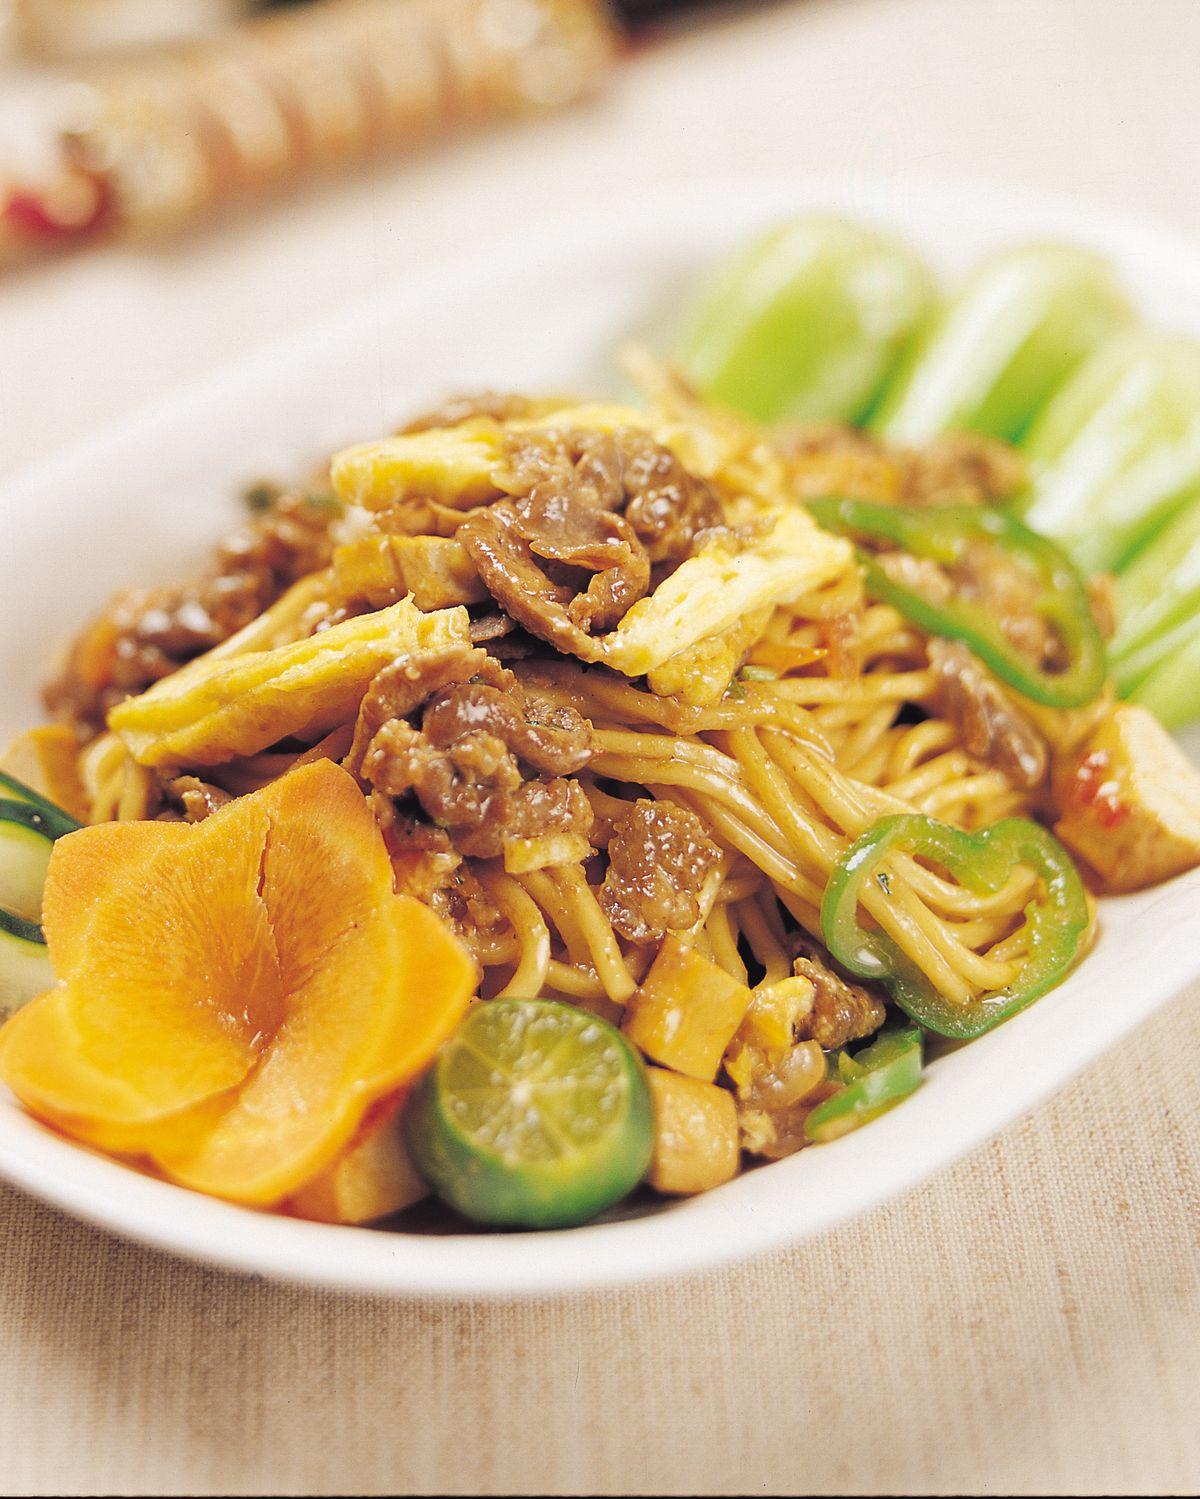 食譜:印尼炒麵